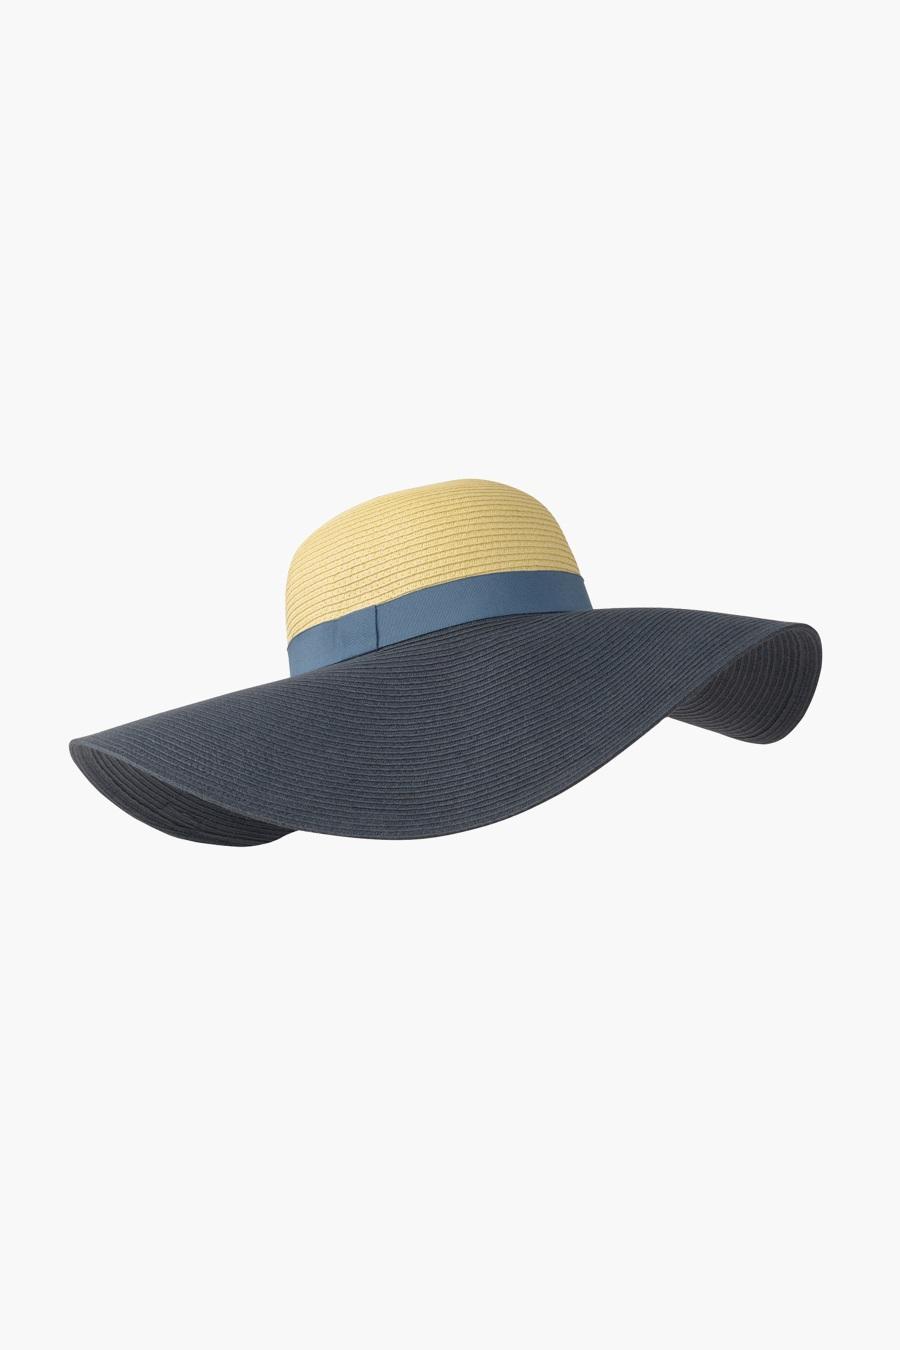 SEASALT CLOTHING - POOL HAT IN SAILOR - £25